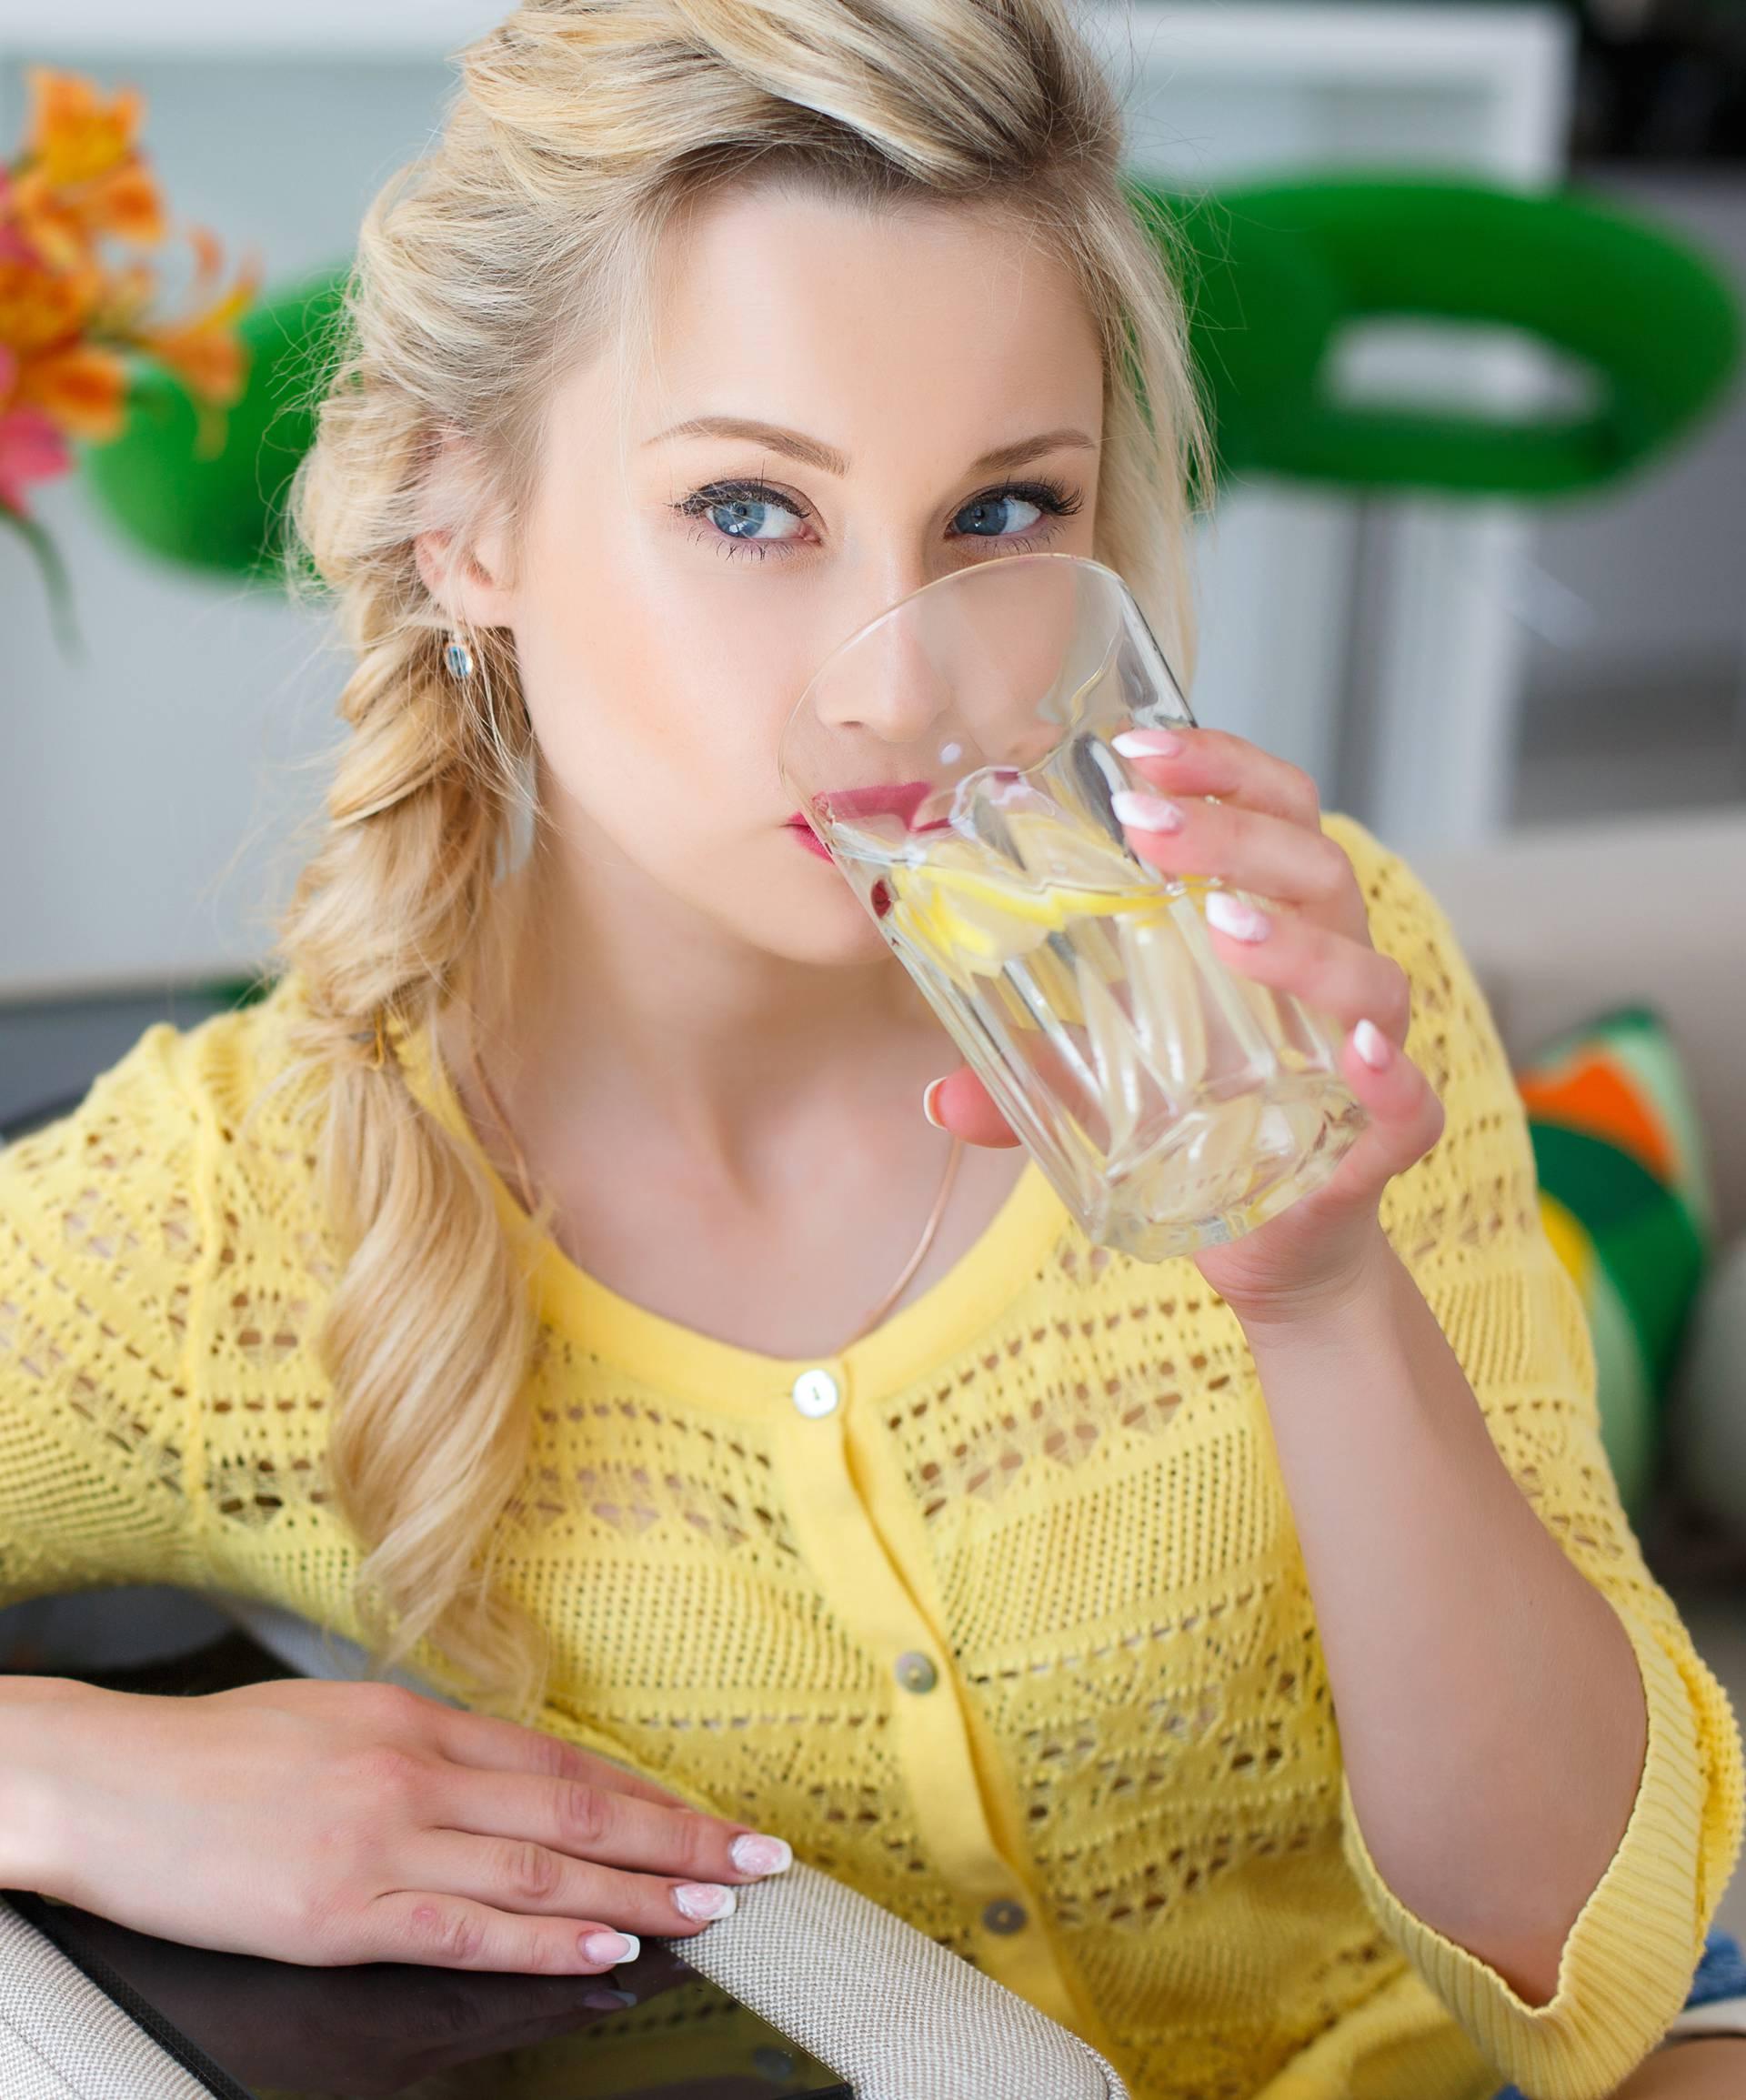 Top savjeti kako prepoznati da pijete premalo vode- pripazite!